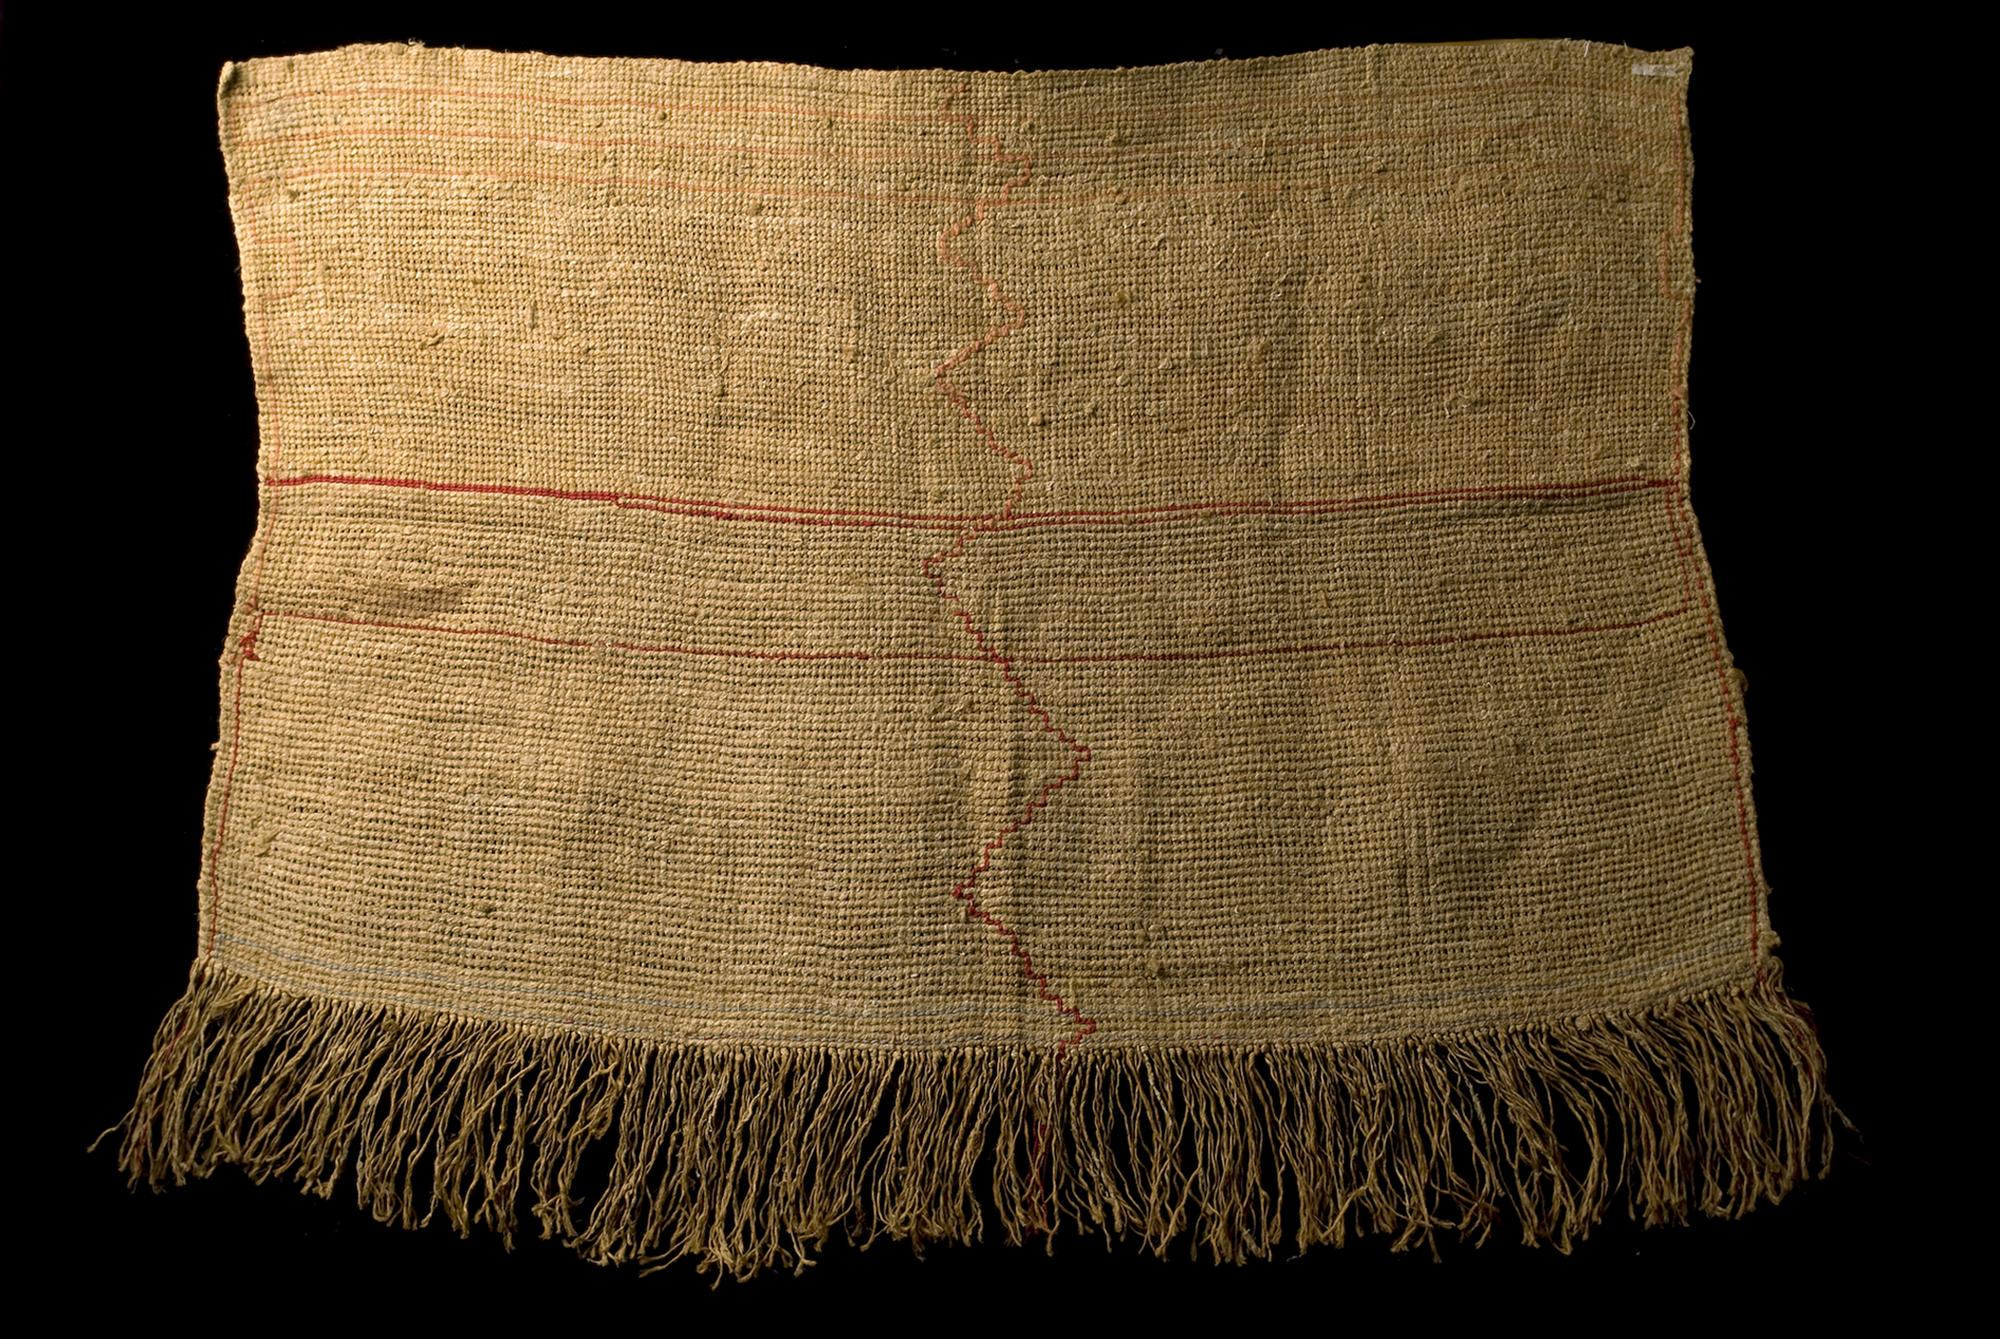 Cobertor (ou manta) Kaingang